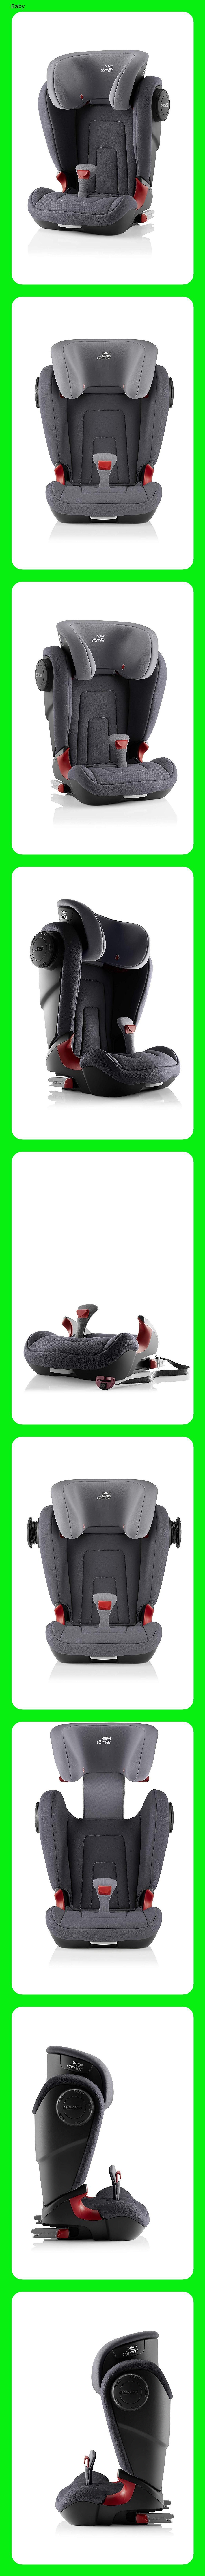 Britax Romer Kindersitz 15 36 Kg Kidfix 2 S Autositz Isofix Gruppe 2 3 Romer Kindersitz Kindersitz Und Britax Romer Kindersitz